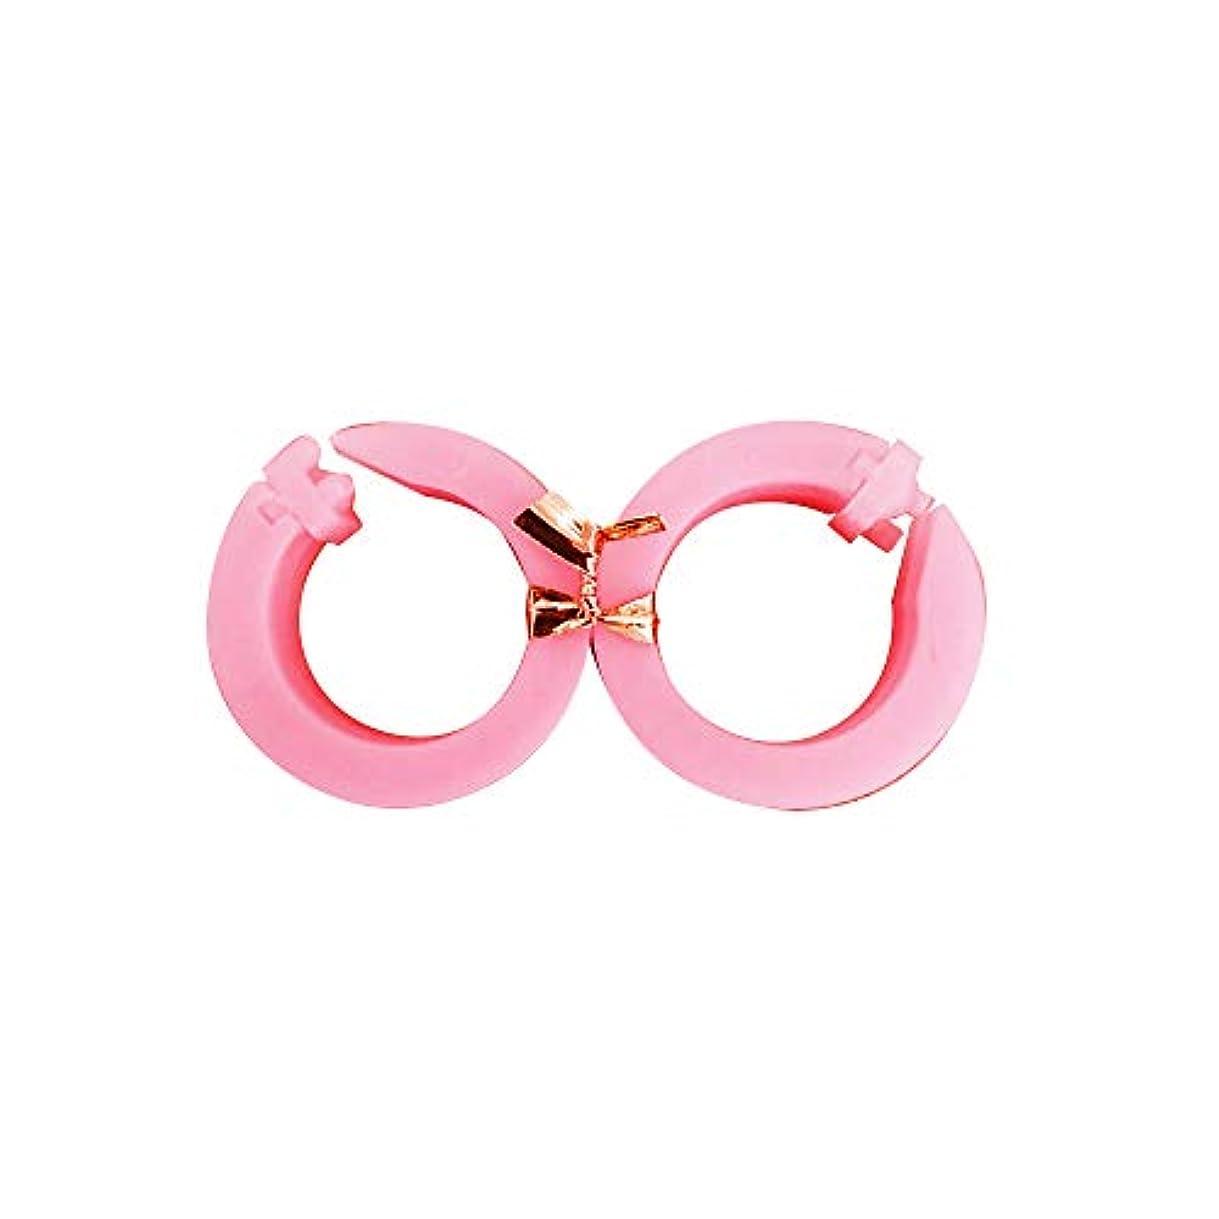 カヌーバイオレットメディック【サフランフィールド】 耳つぼ ダイエットリング 美容 耳つぼ美人 ピンク